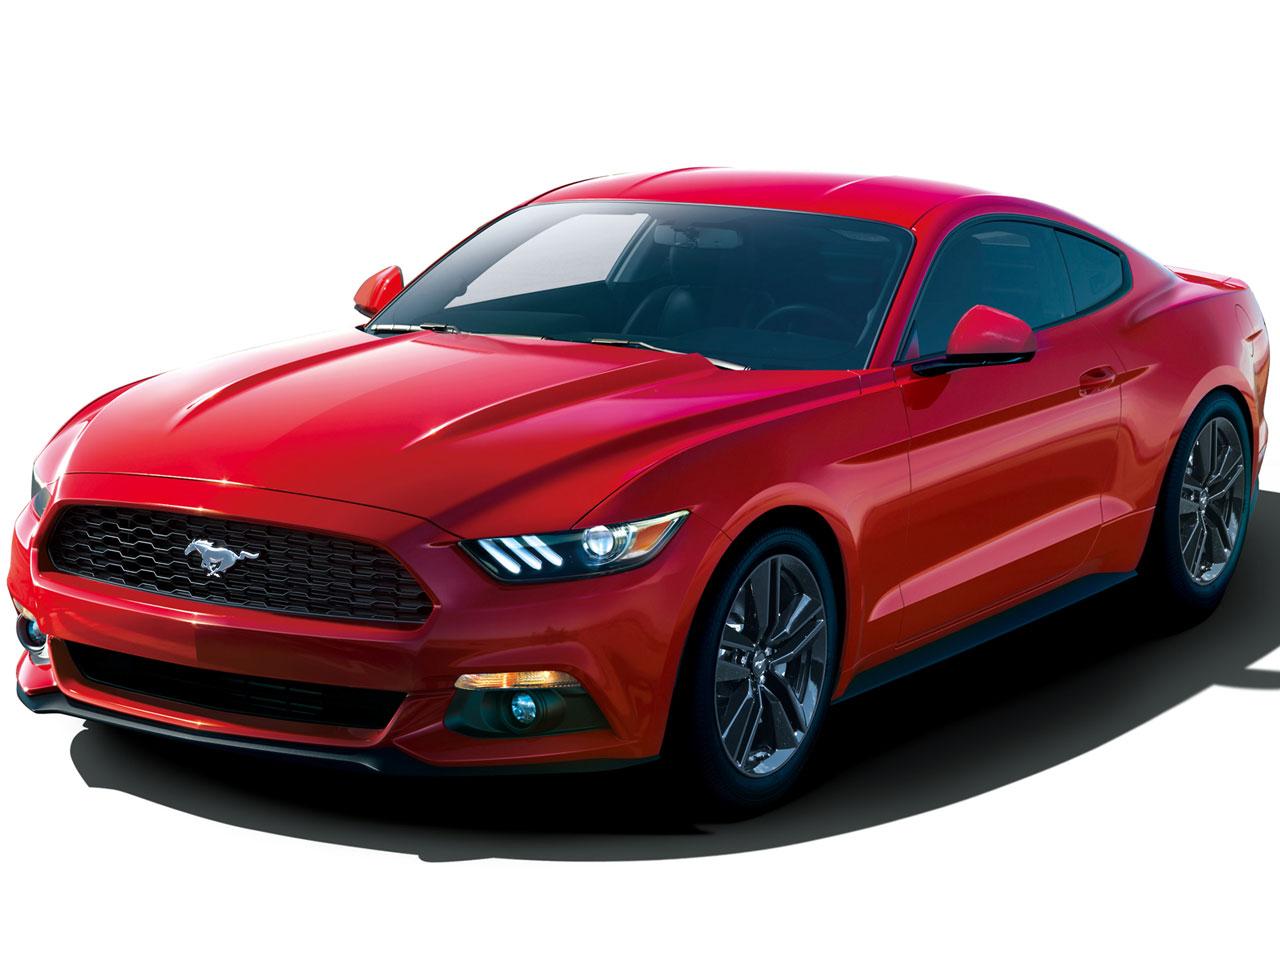 フォード マスタング 2015年モデル 新車画像